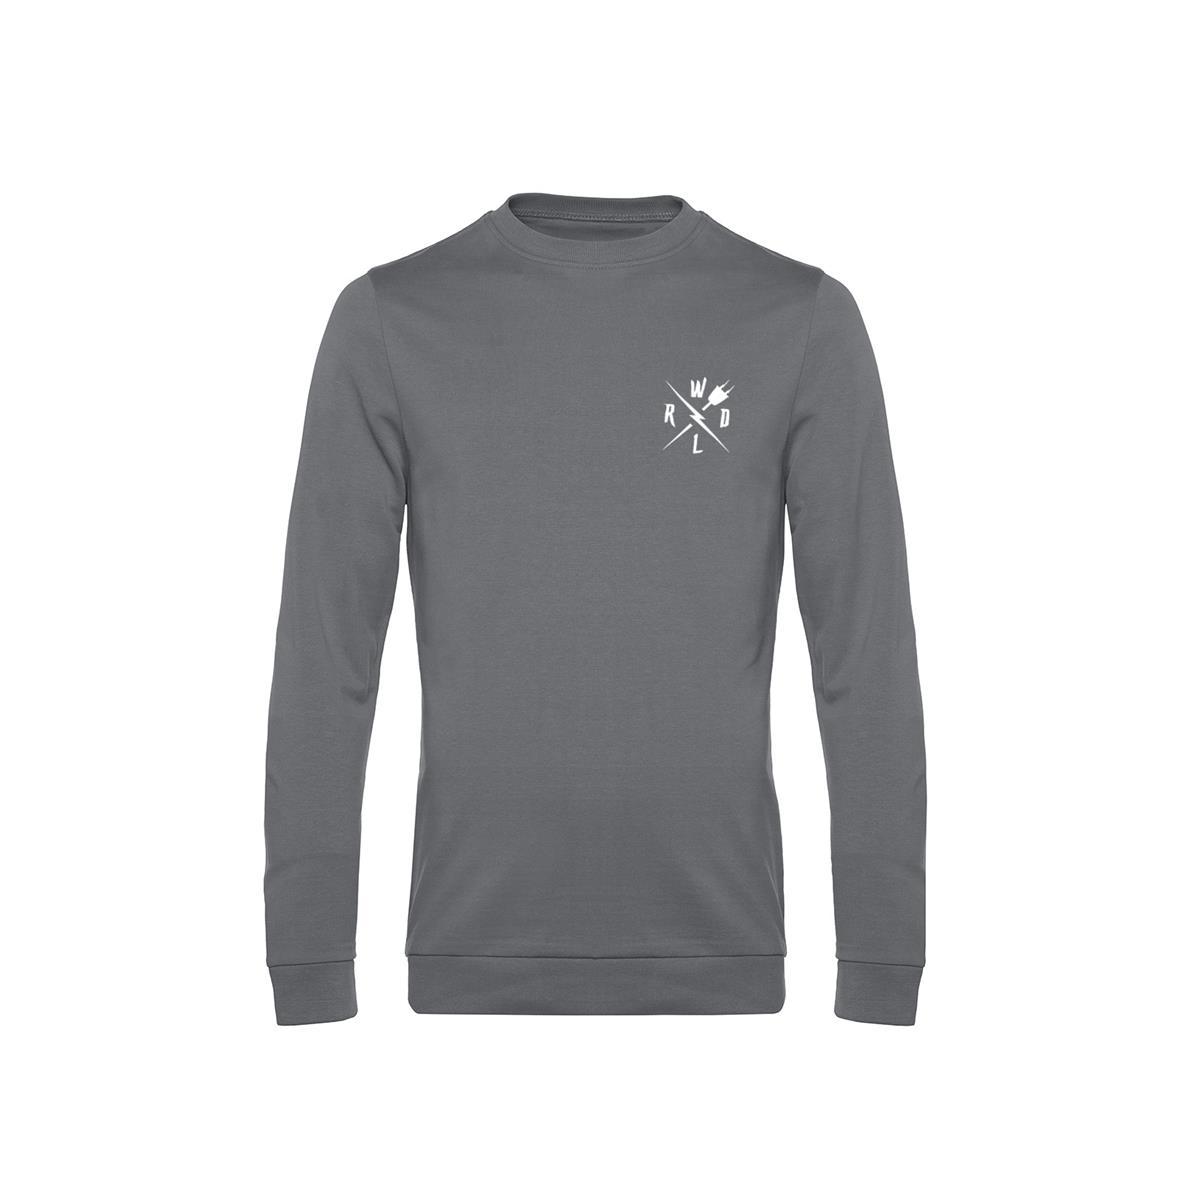 Crew Neck Sweatshirt Crew Grey Size S